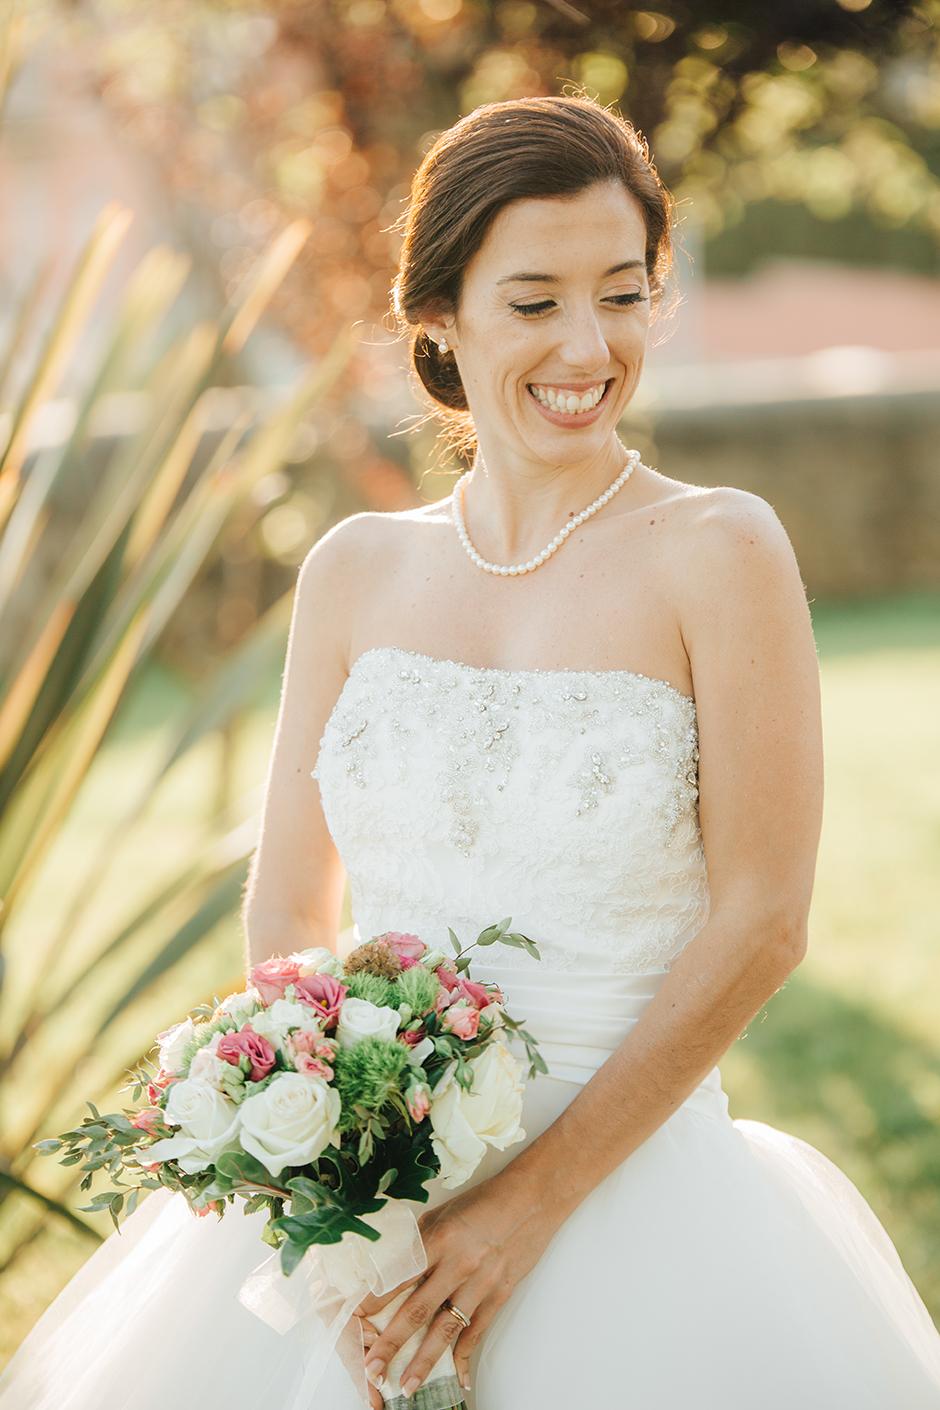 Wedding Casamento Jaime Neto Photography S+S Maio 2015_080